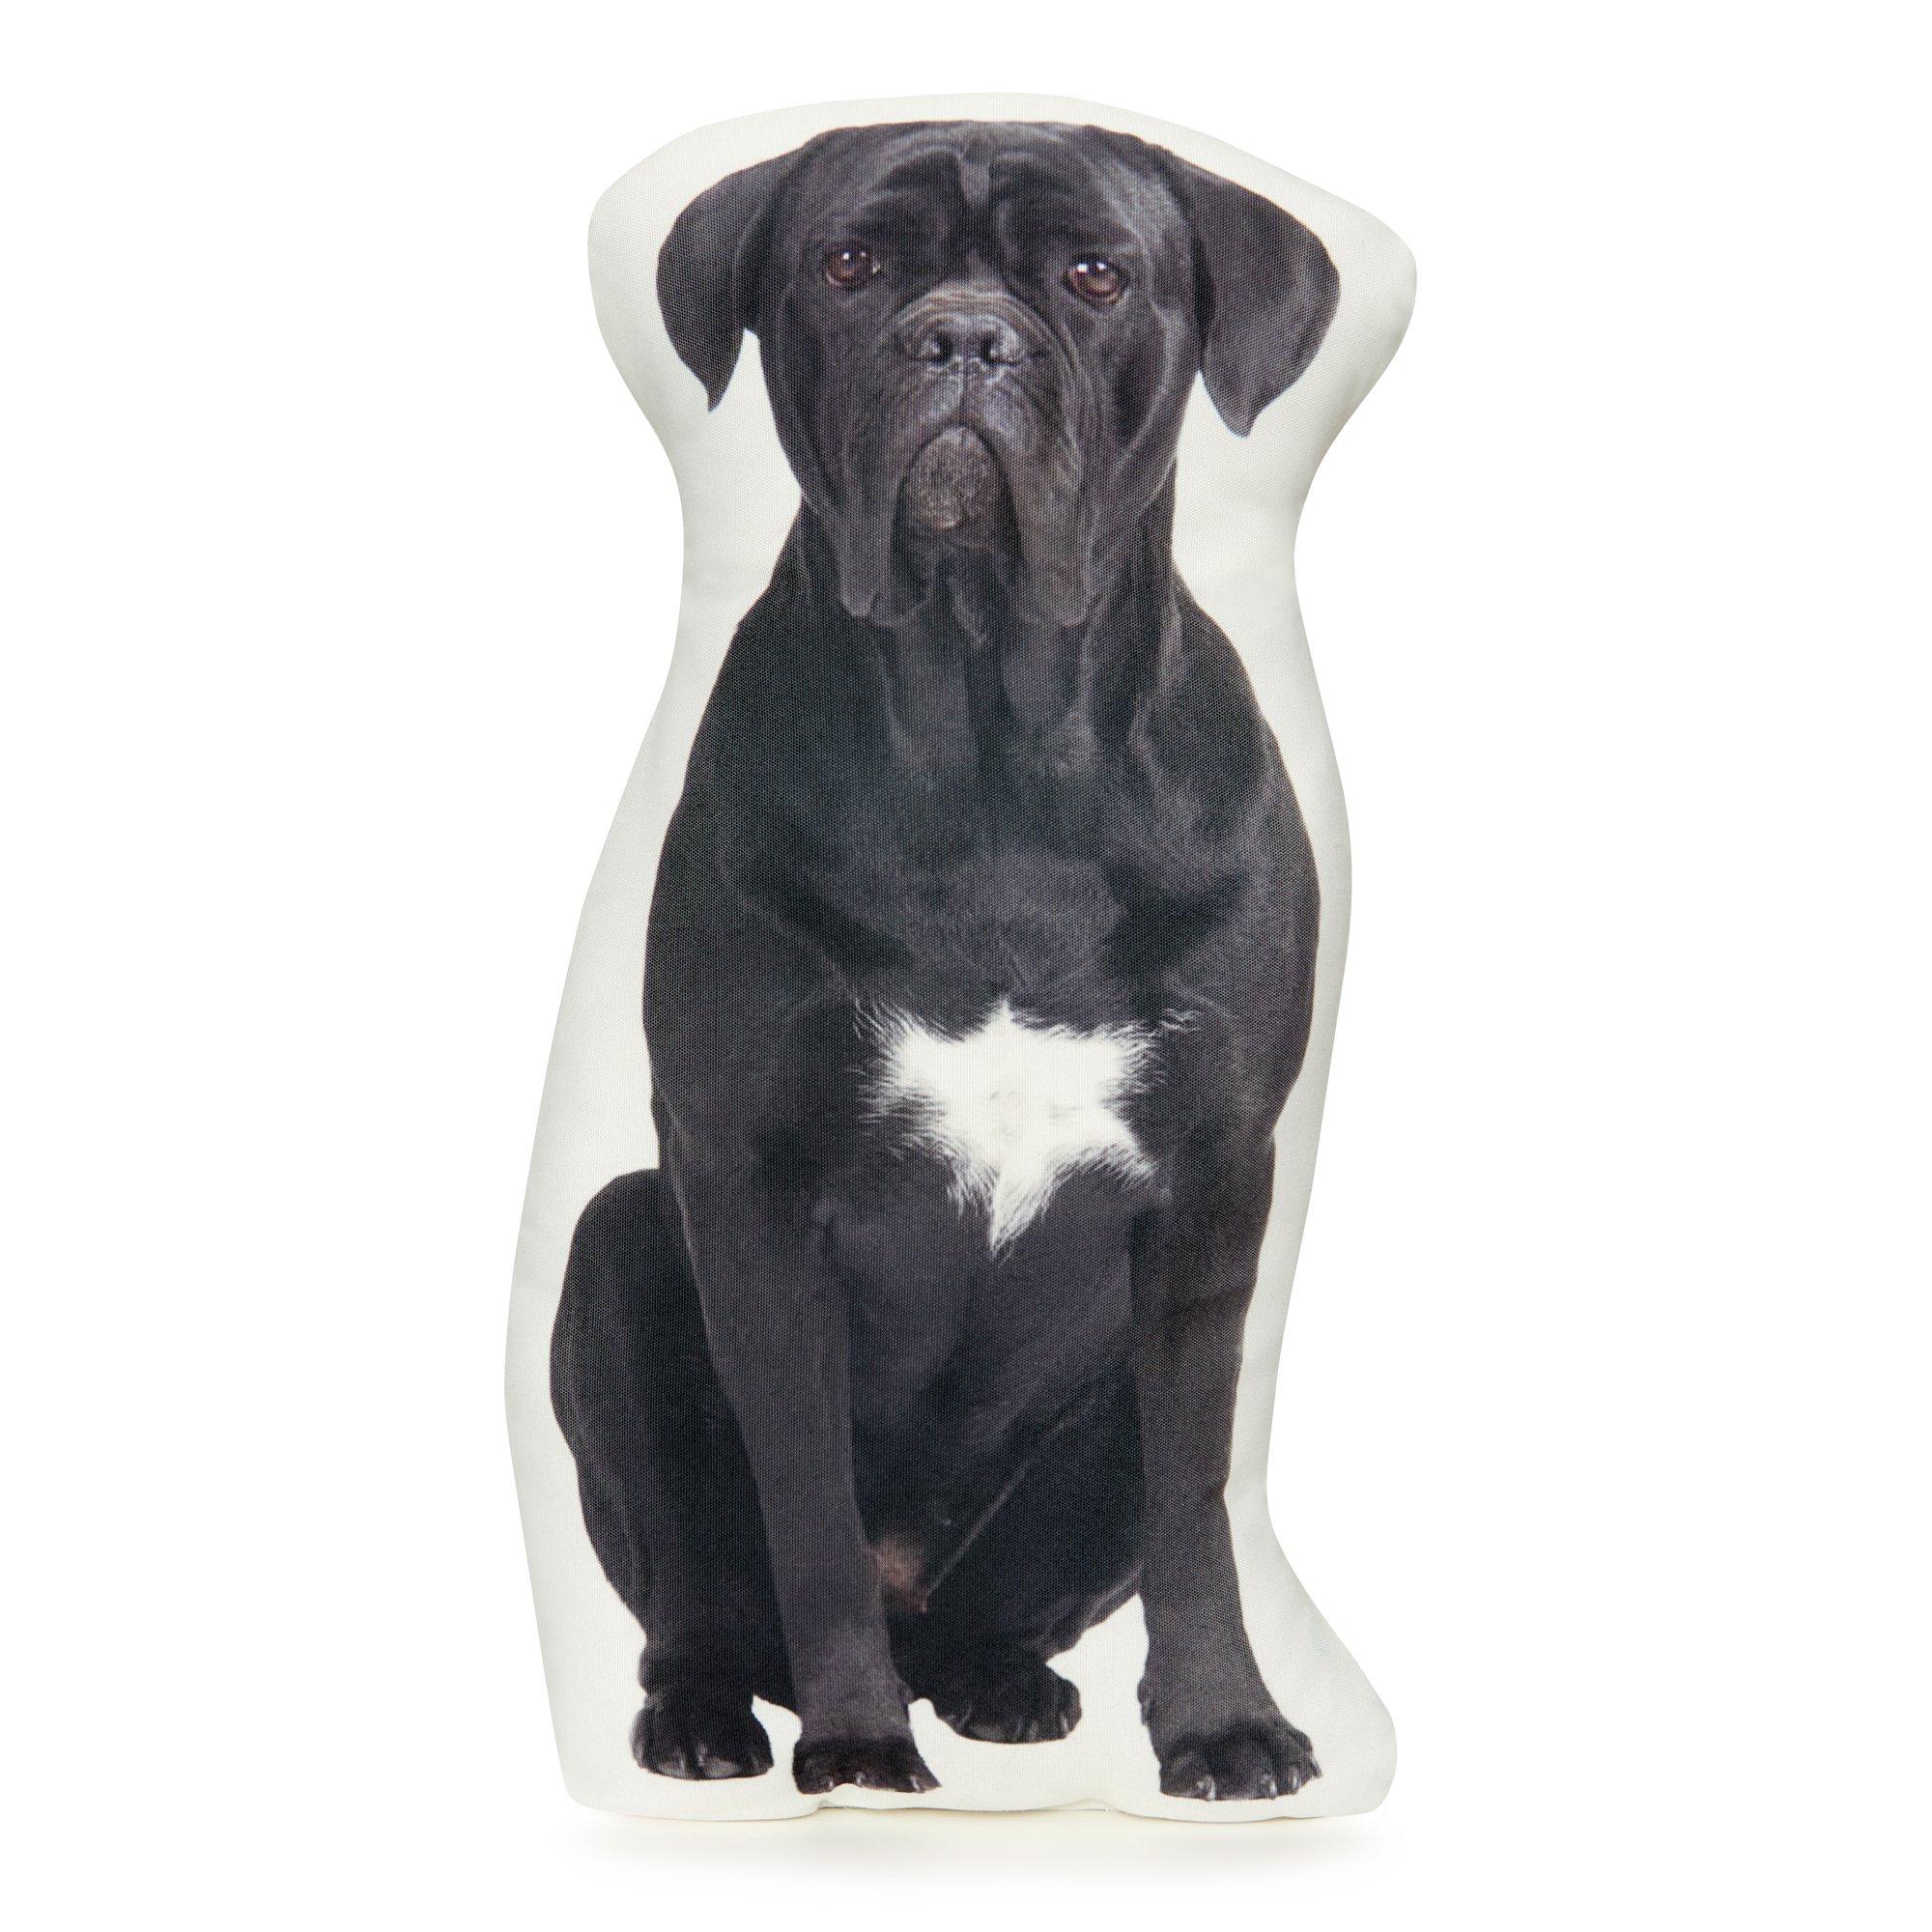 Cushion Co - Cane Corso Dog Pillow 16'' x 12''